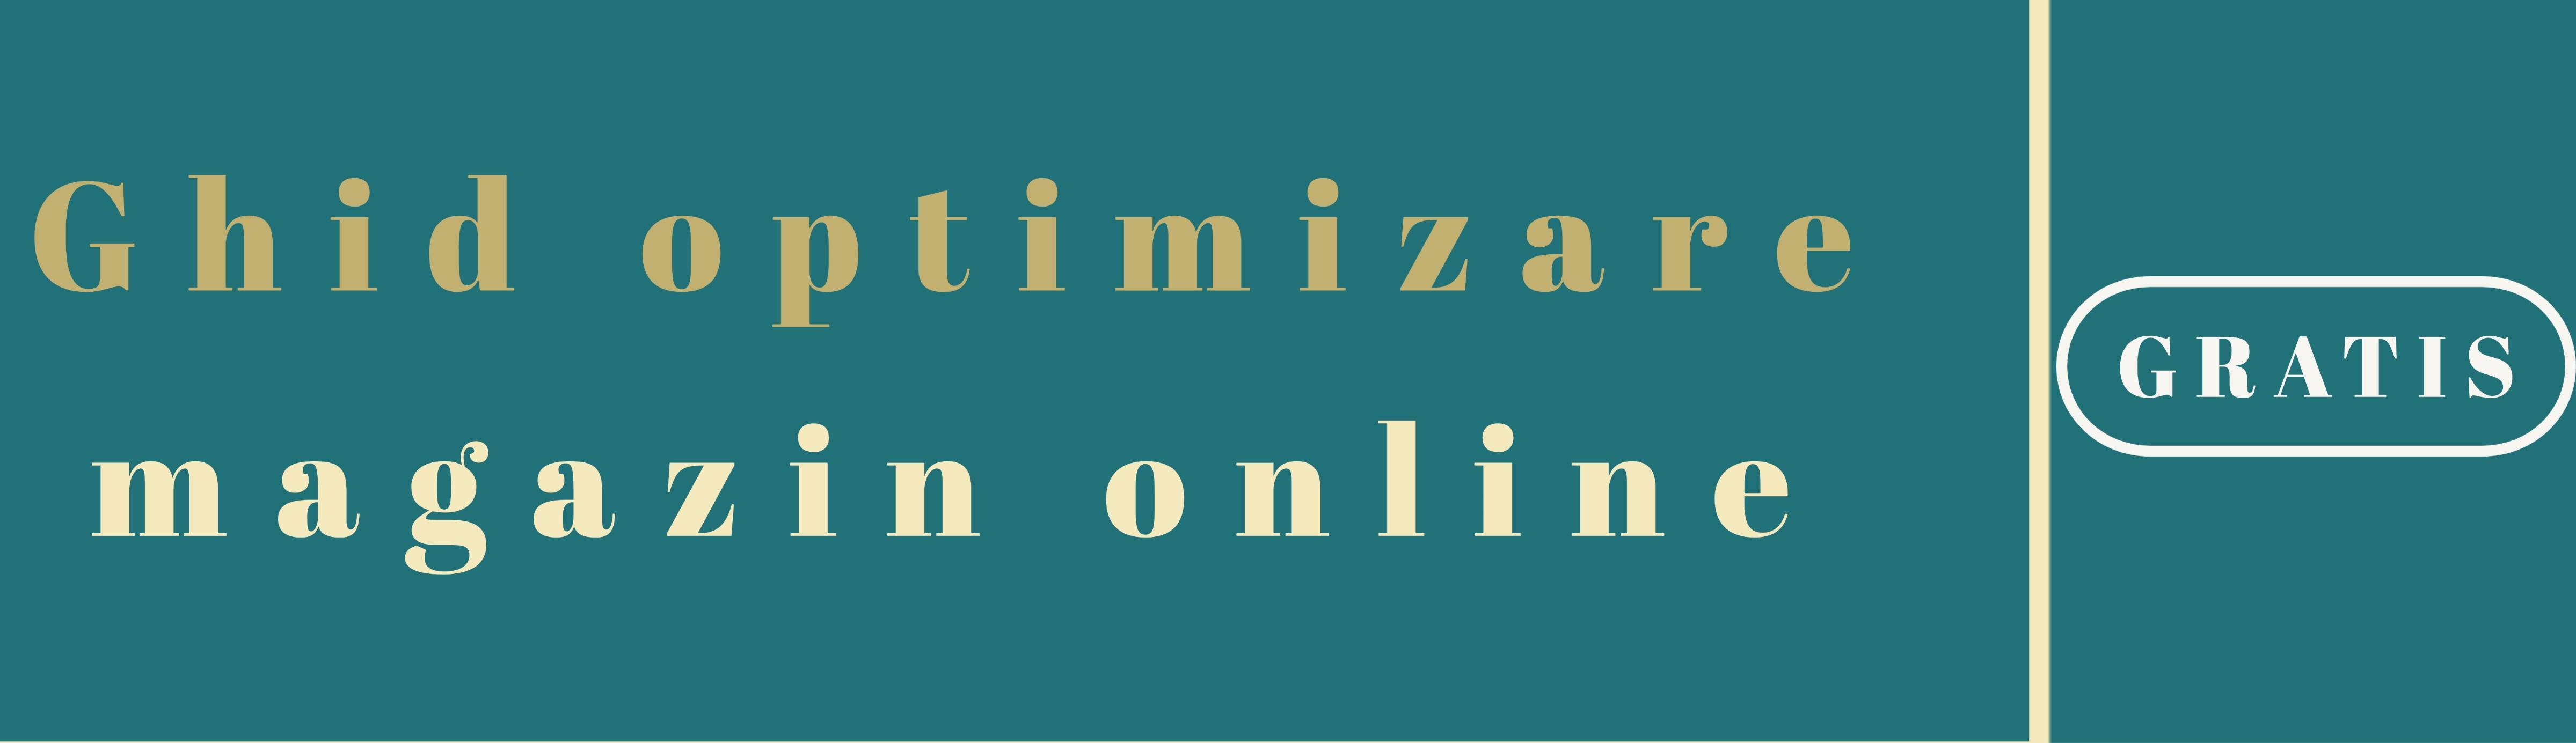 idei de afaceri pe internet 2020 cu investiții minime